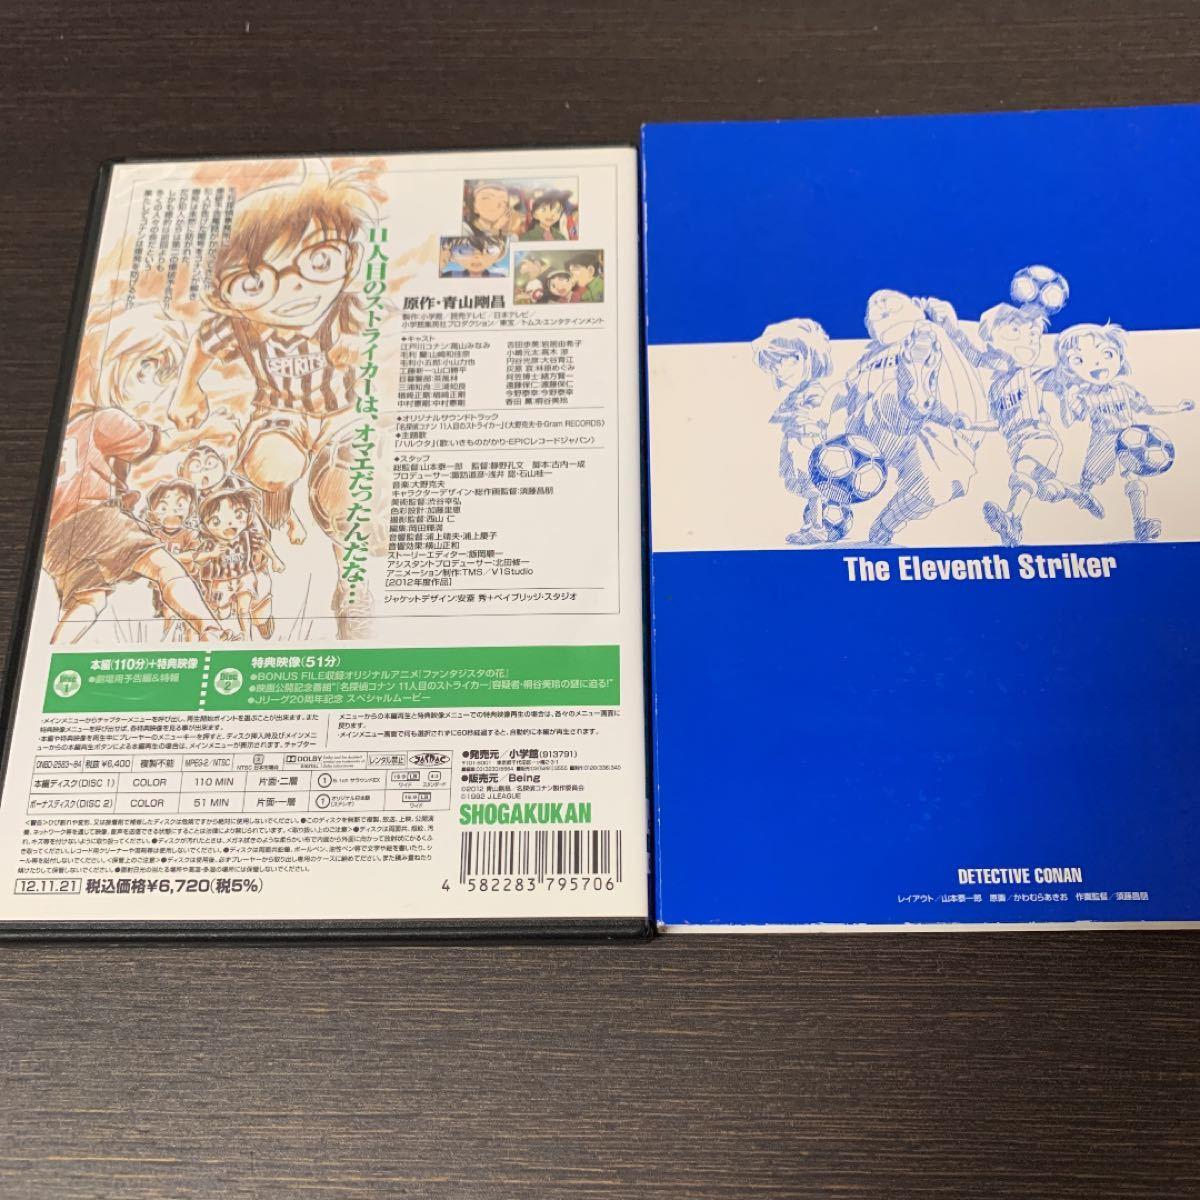 劇場版 名探偵コナン 11人目のストライカー スペシャル・エディション('12…